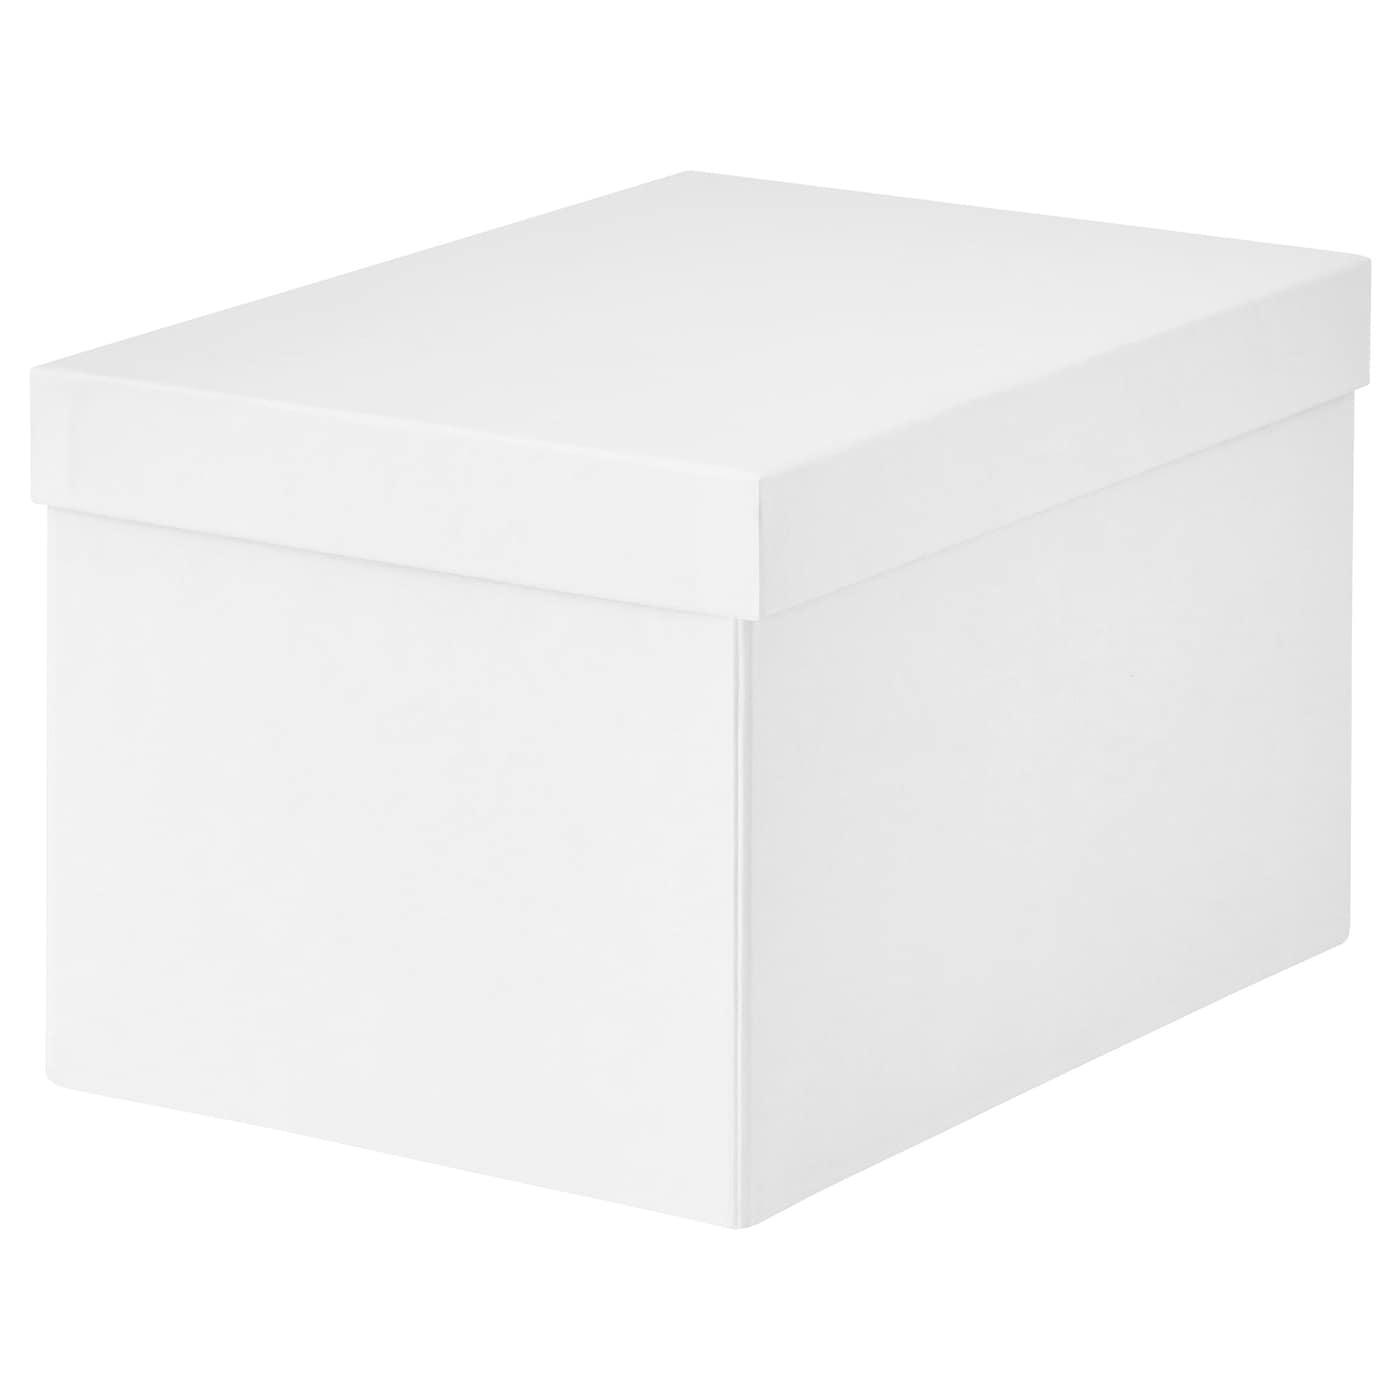 Boites De Rangement Ikea destiné lixhult rangement métal/rouge 35x60 cm - ikea